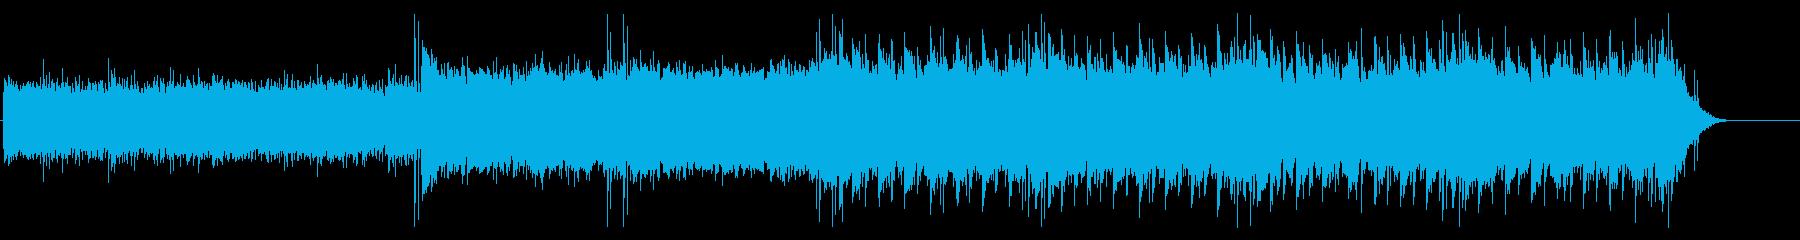 ループ感の強い四つ打ちの再生済みの波形